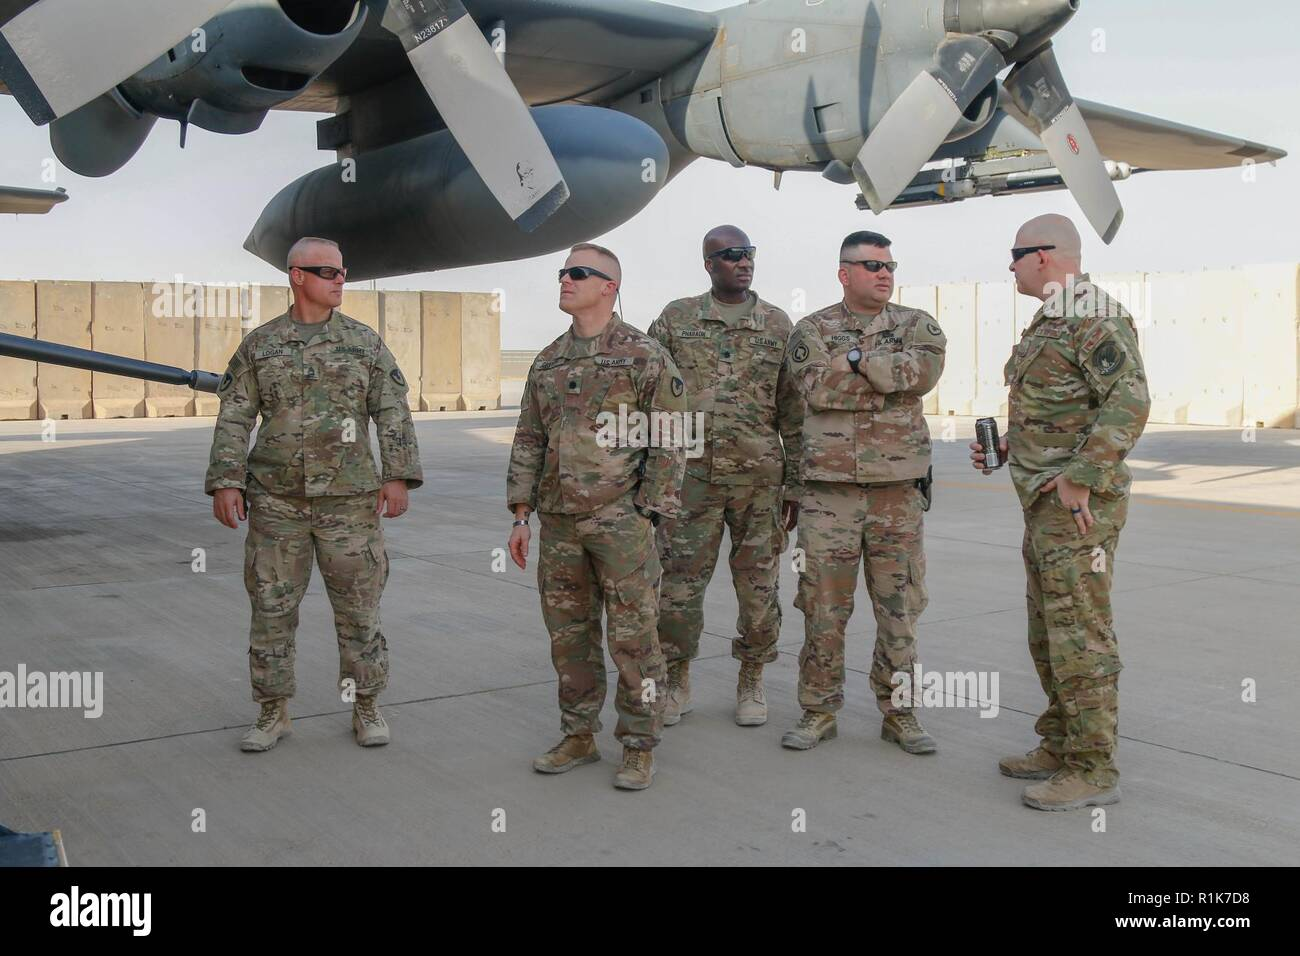 Le Lieutenant-colonel de l'armée américaine Jessie Griffith, centre gauche, commandant du 925e Bataillon, Passation de commandement et le Sgt. Le major Timothy Boson, centre droit, 925e Bataillon du contractant, le sergent-major tour AC-130W II Stinger pendant leur combat bataille circulation à Al Asad Air Base (AAAB), l'Iraq, 5 octobre 2018. AAAB est une combinaison d'un groupe de travail conjoint - Fonctionnement amélioré la capacité inhérente de résoudre partenaire emplacement consacre à la formation des forces des partenaires et renforcer leur efficacité. Photo Stock